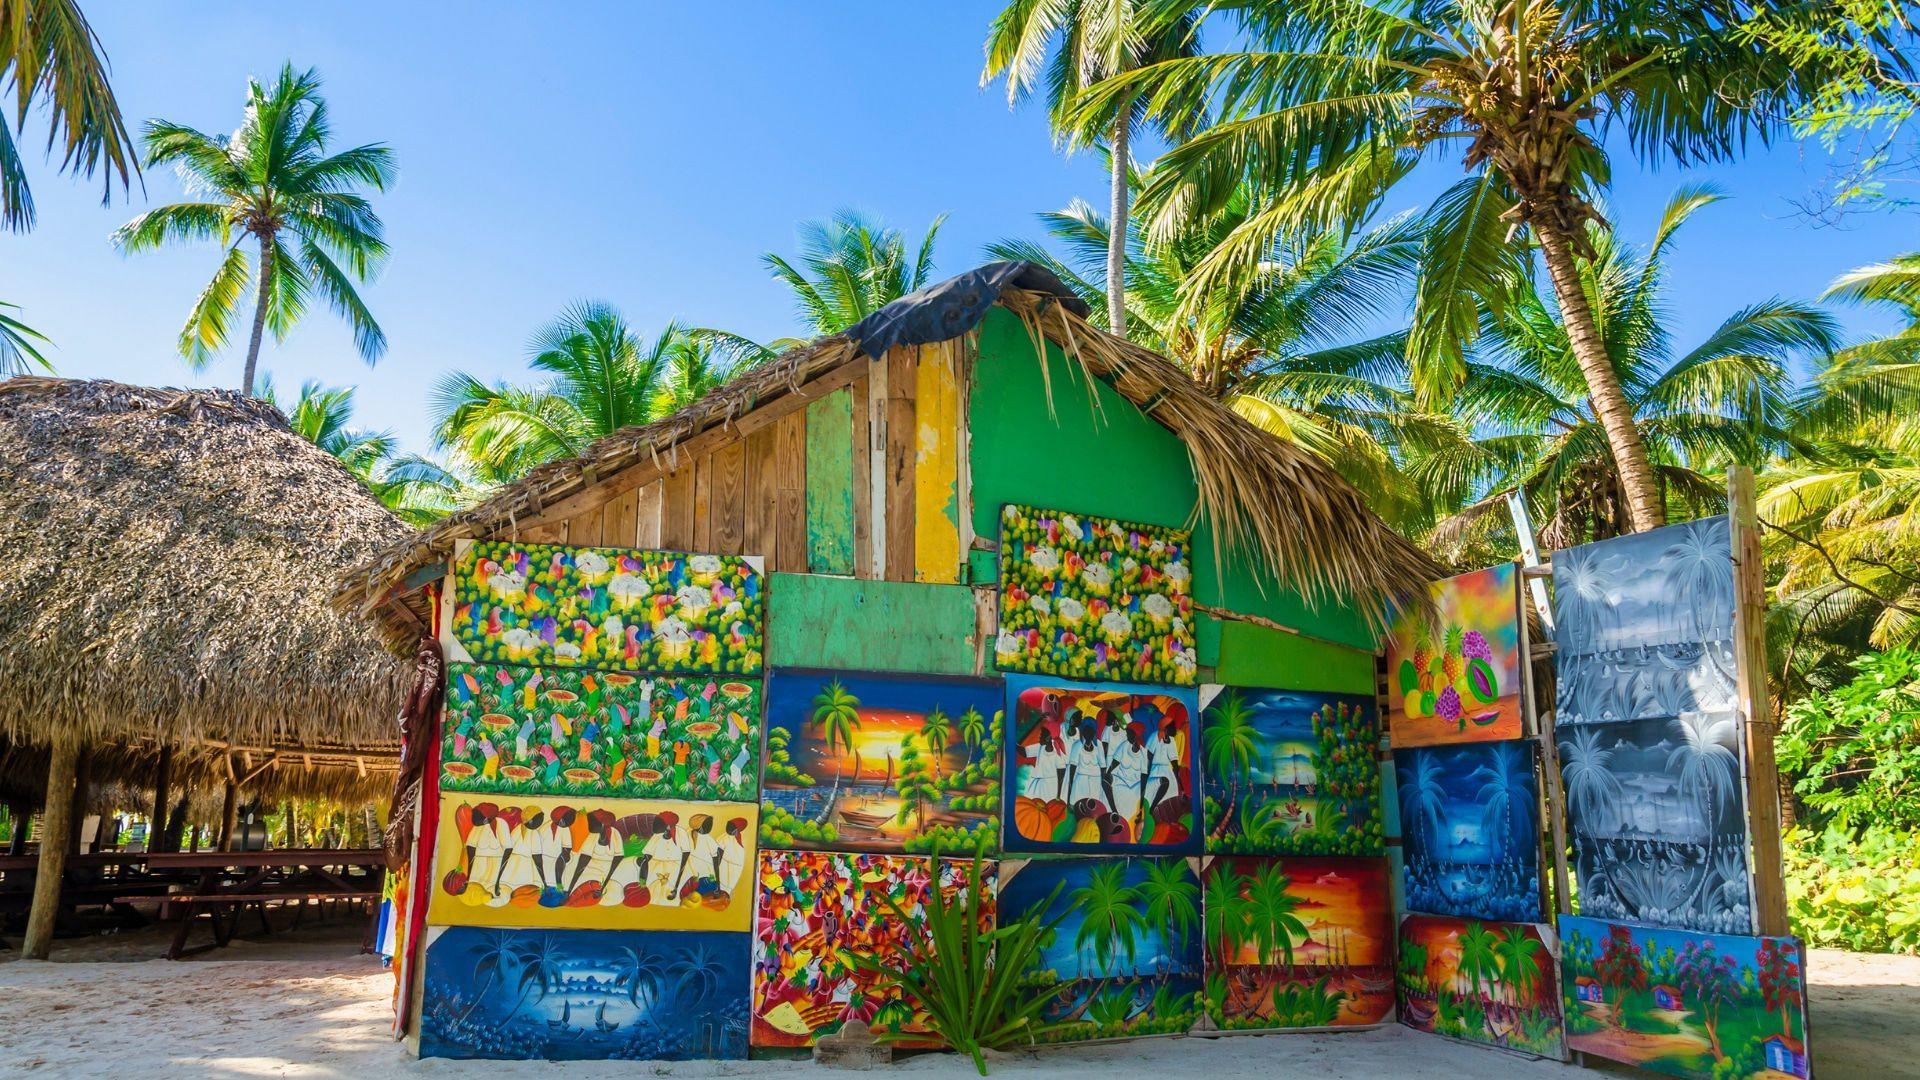 Įspūdingo grožio apylinkės Jamaikoje